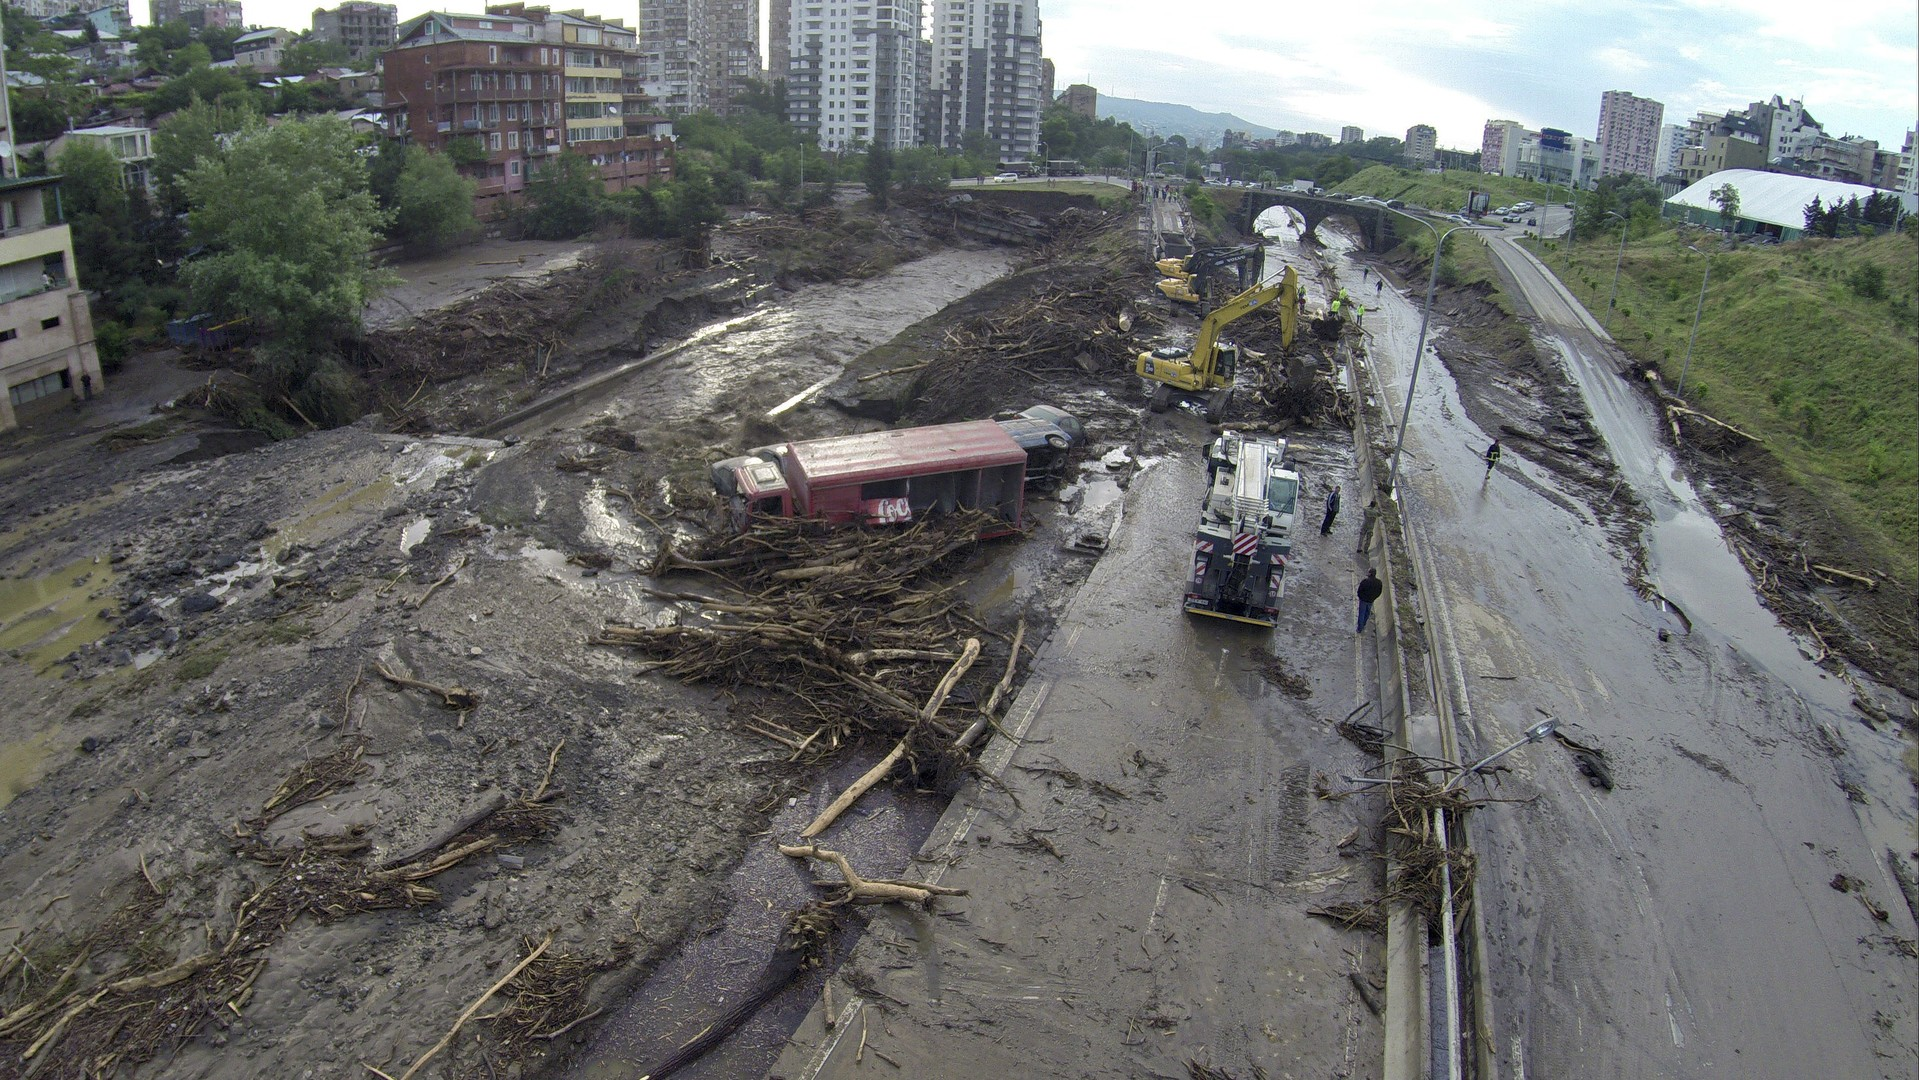 Des sauveteurs en action dans une rue inondée de Tbilissi